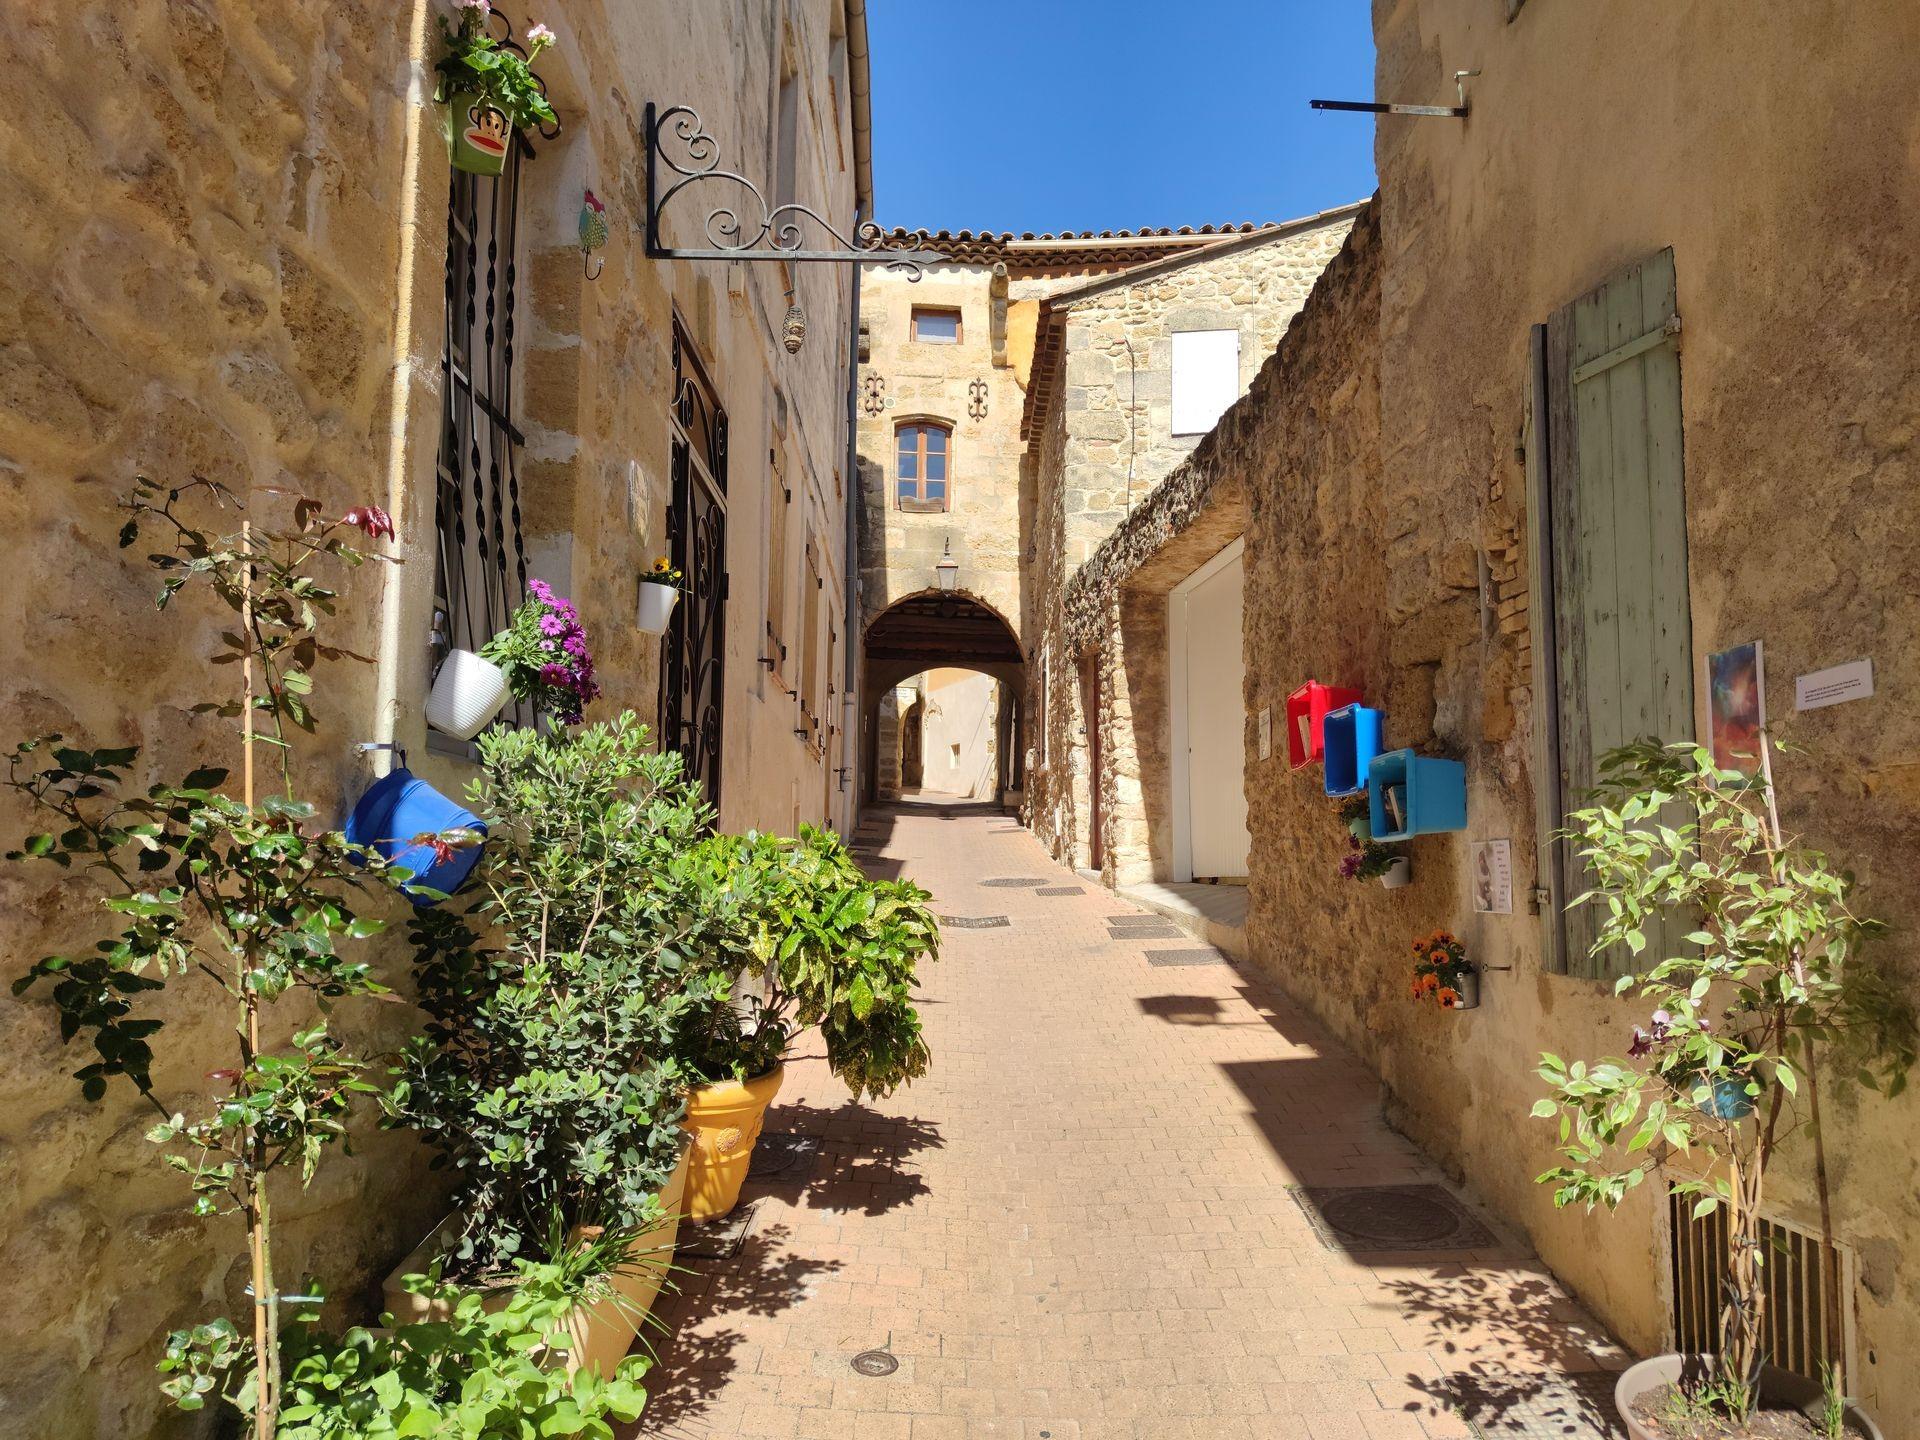 ruelles-centre-historique-rue-salpetrier-20-1920-2778